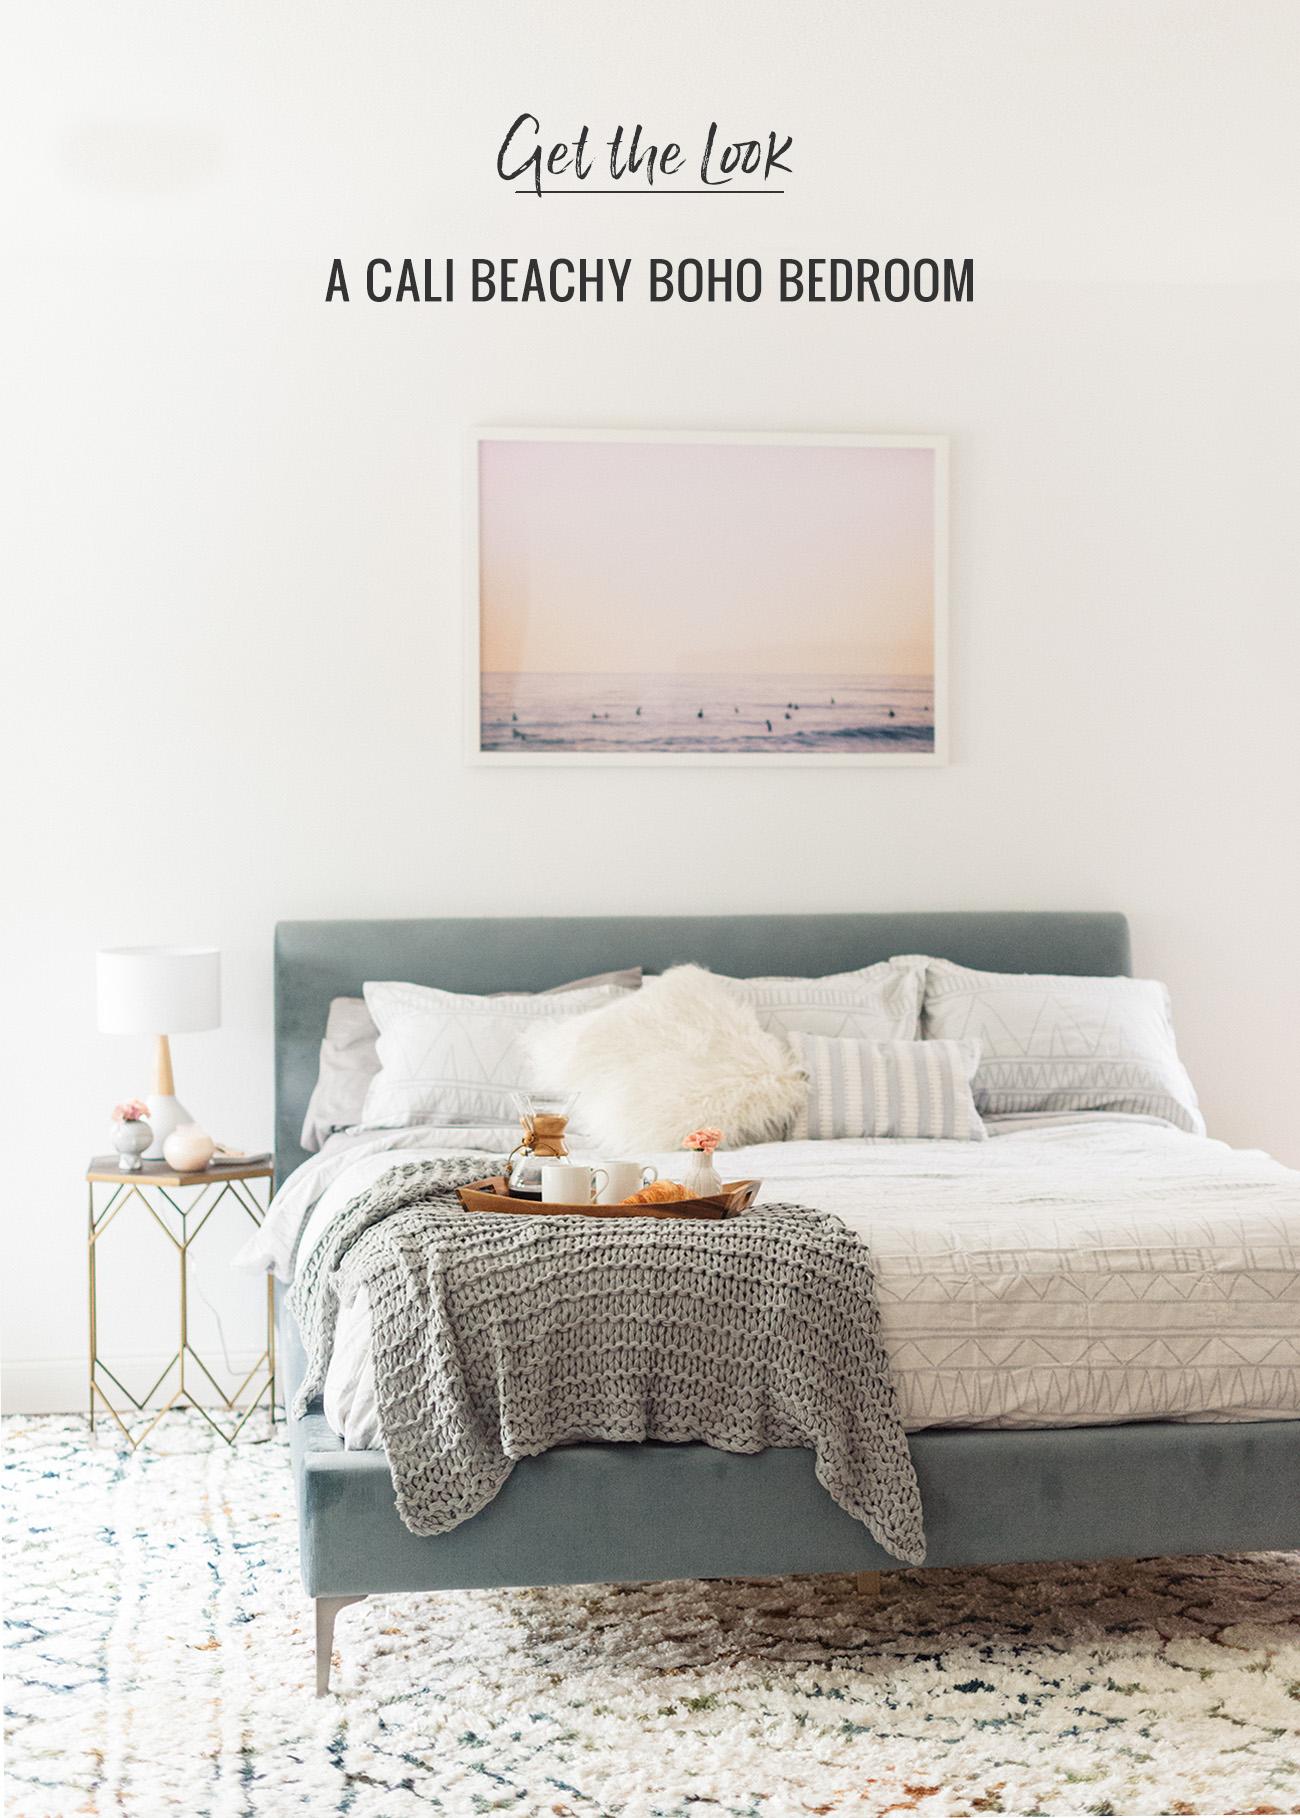 Get the Look Cali Beachy Boho Bedroom